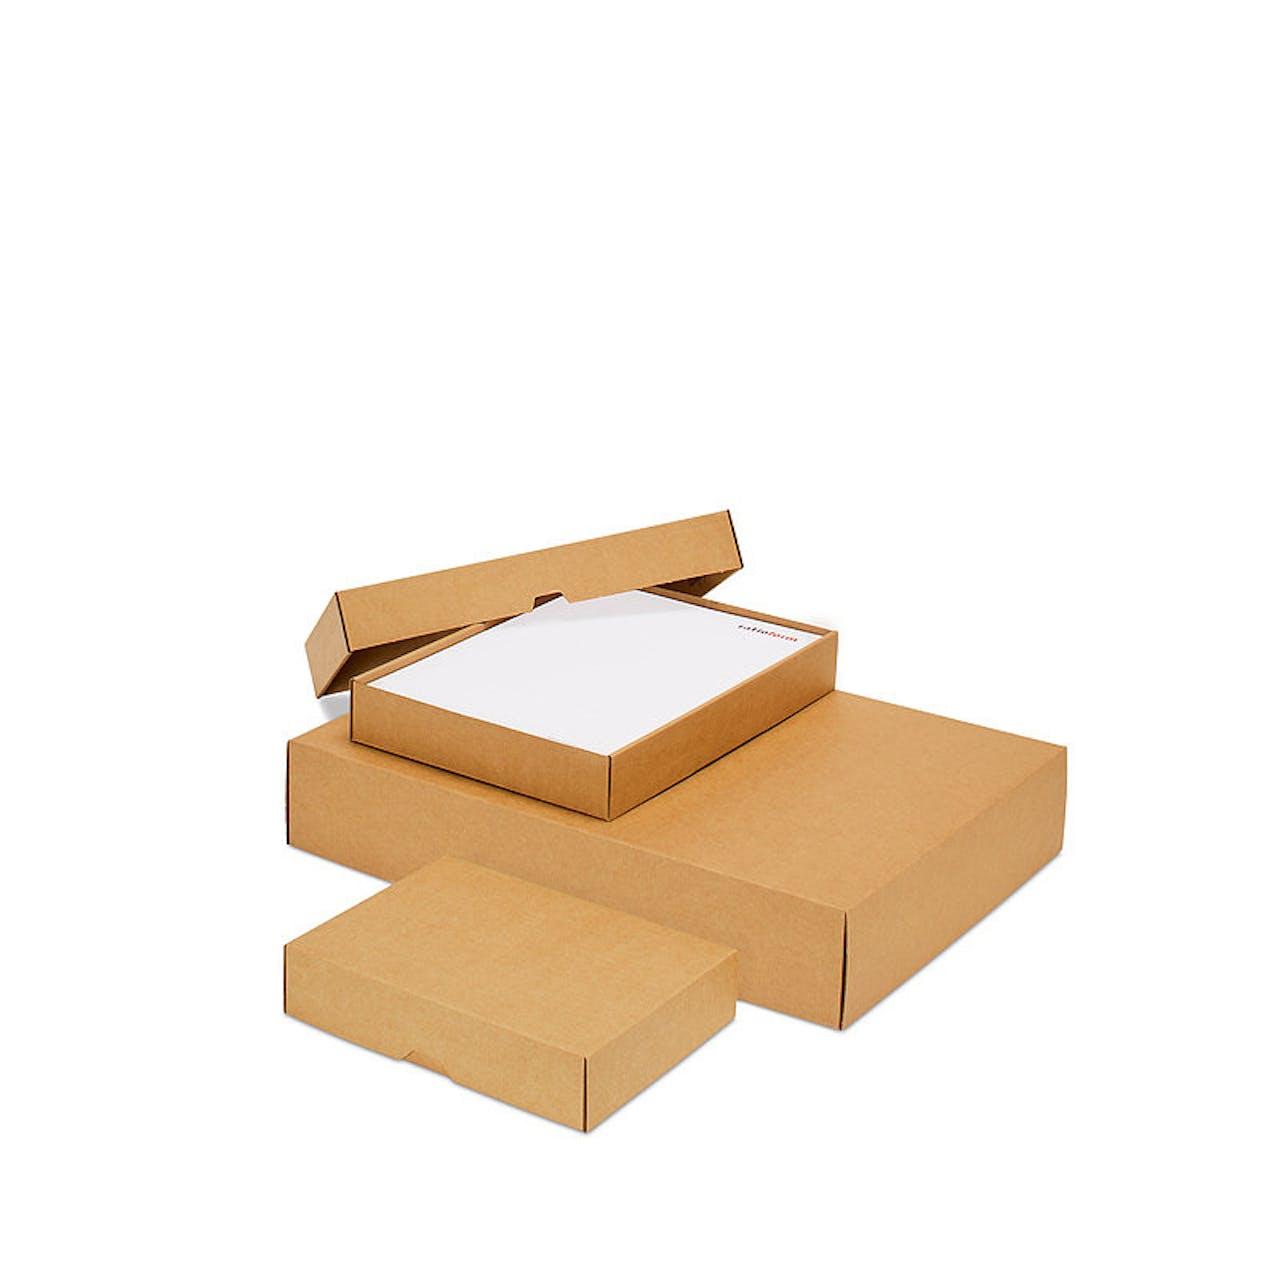 Stülpdeckelkarton, 214 x 151 x 45 mm, braun, DIN A5, 2-teilig (mit Deckel)